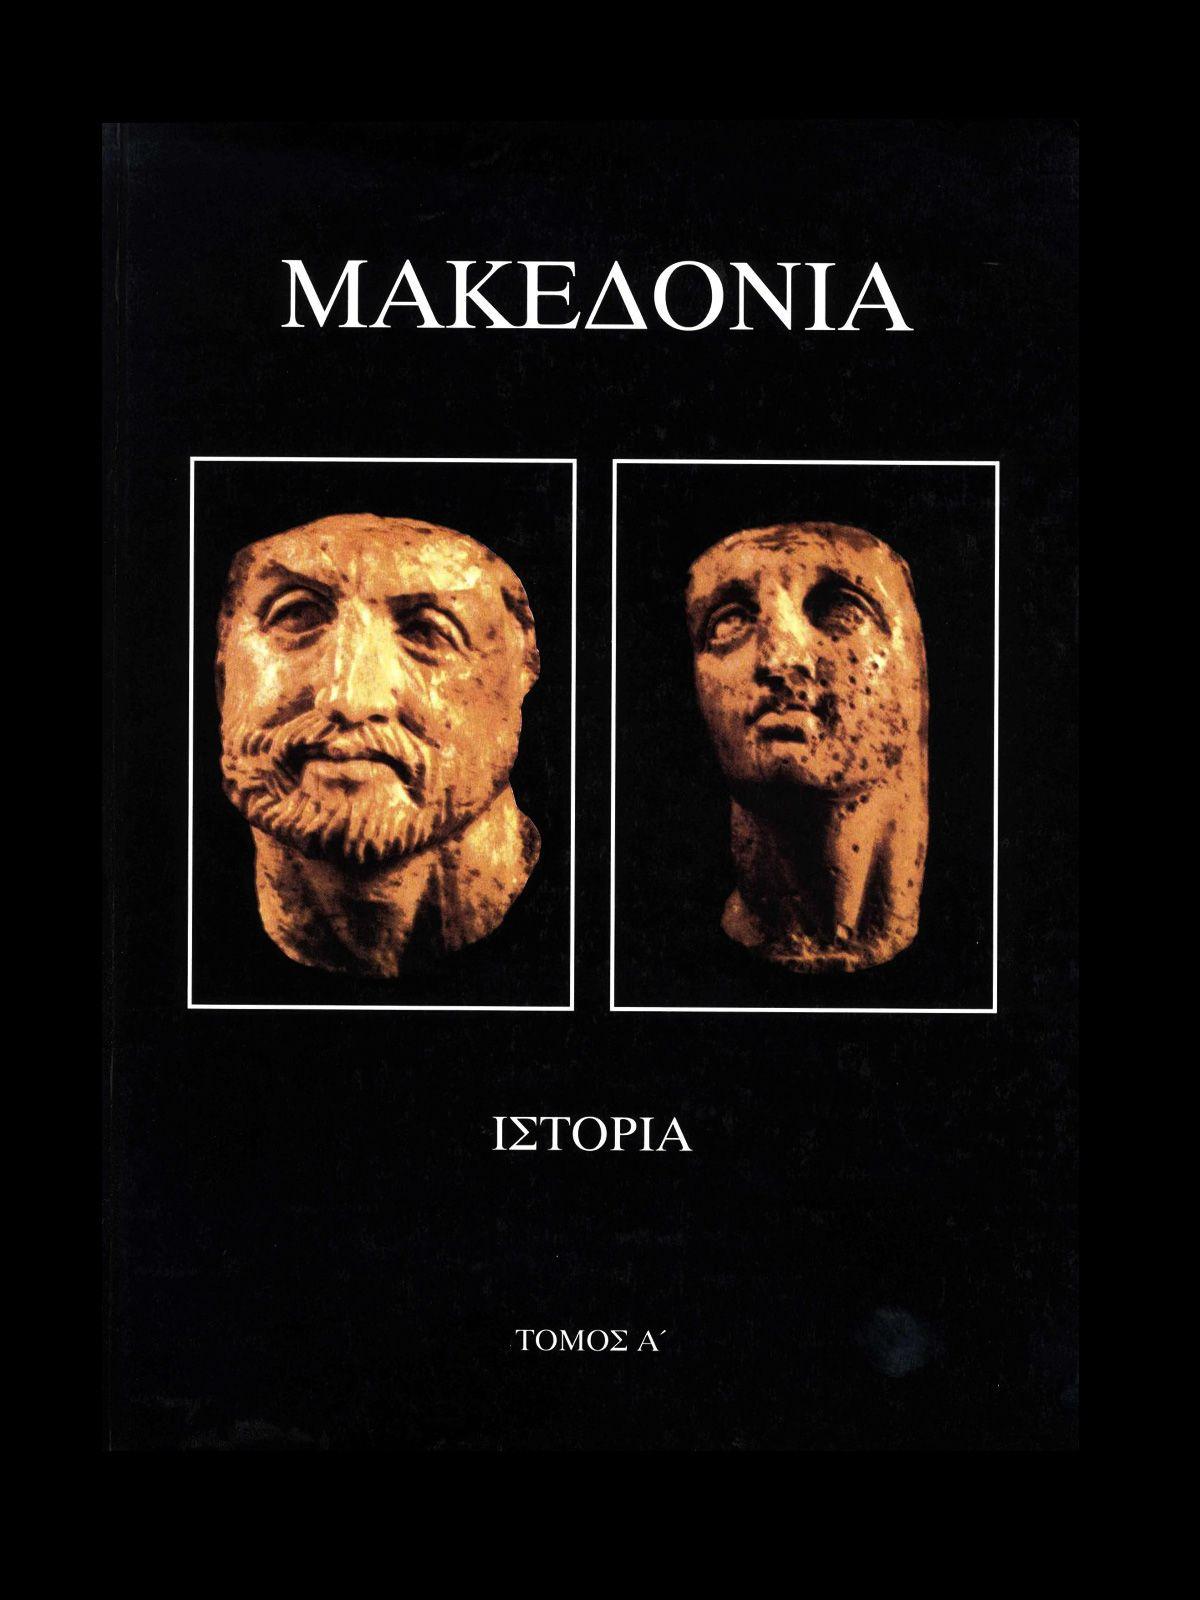 """Μεγάλη ιστορική επανέκδοση του έργου """"Μακεδονία"""""""